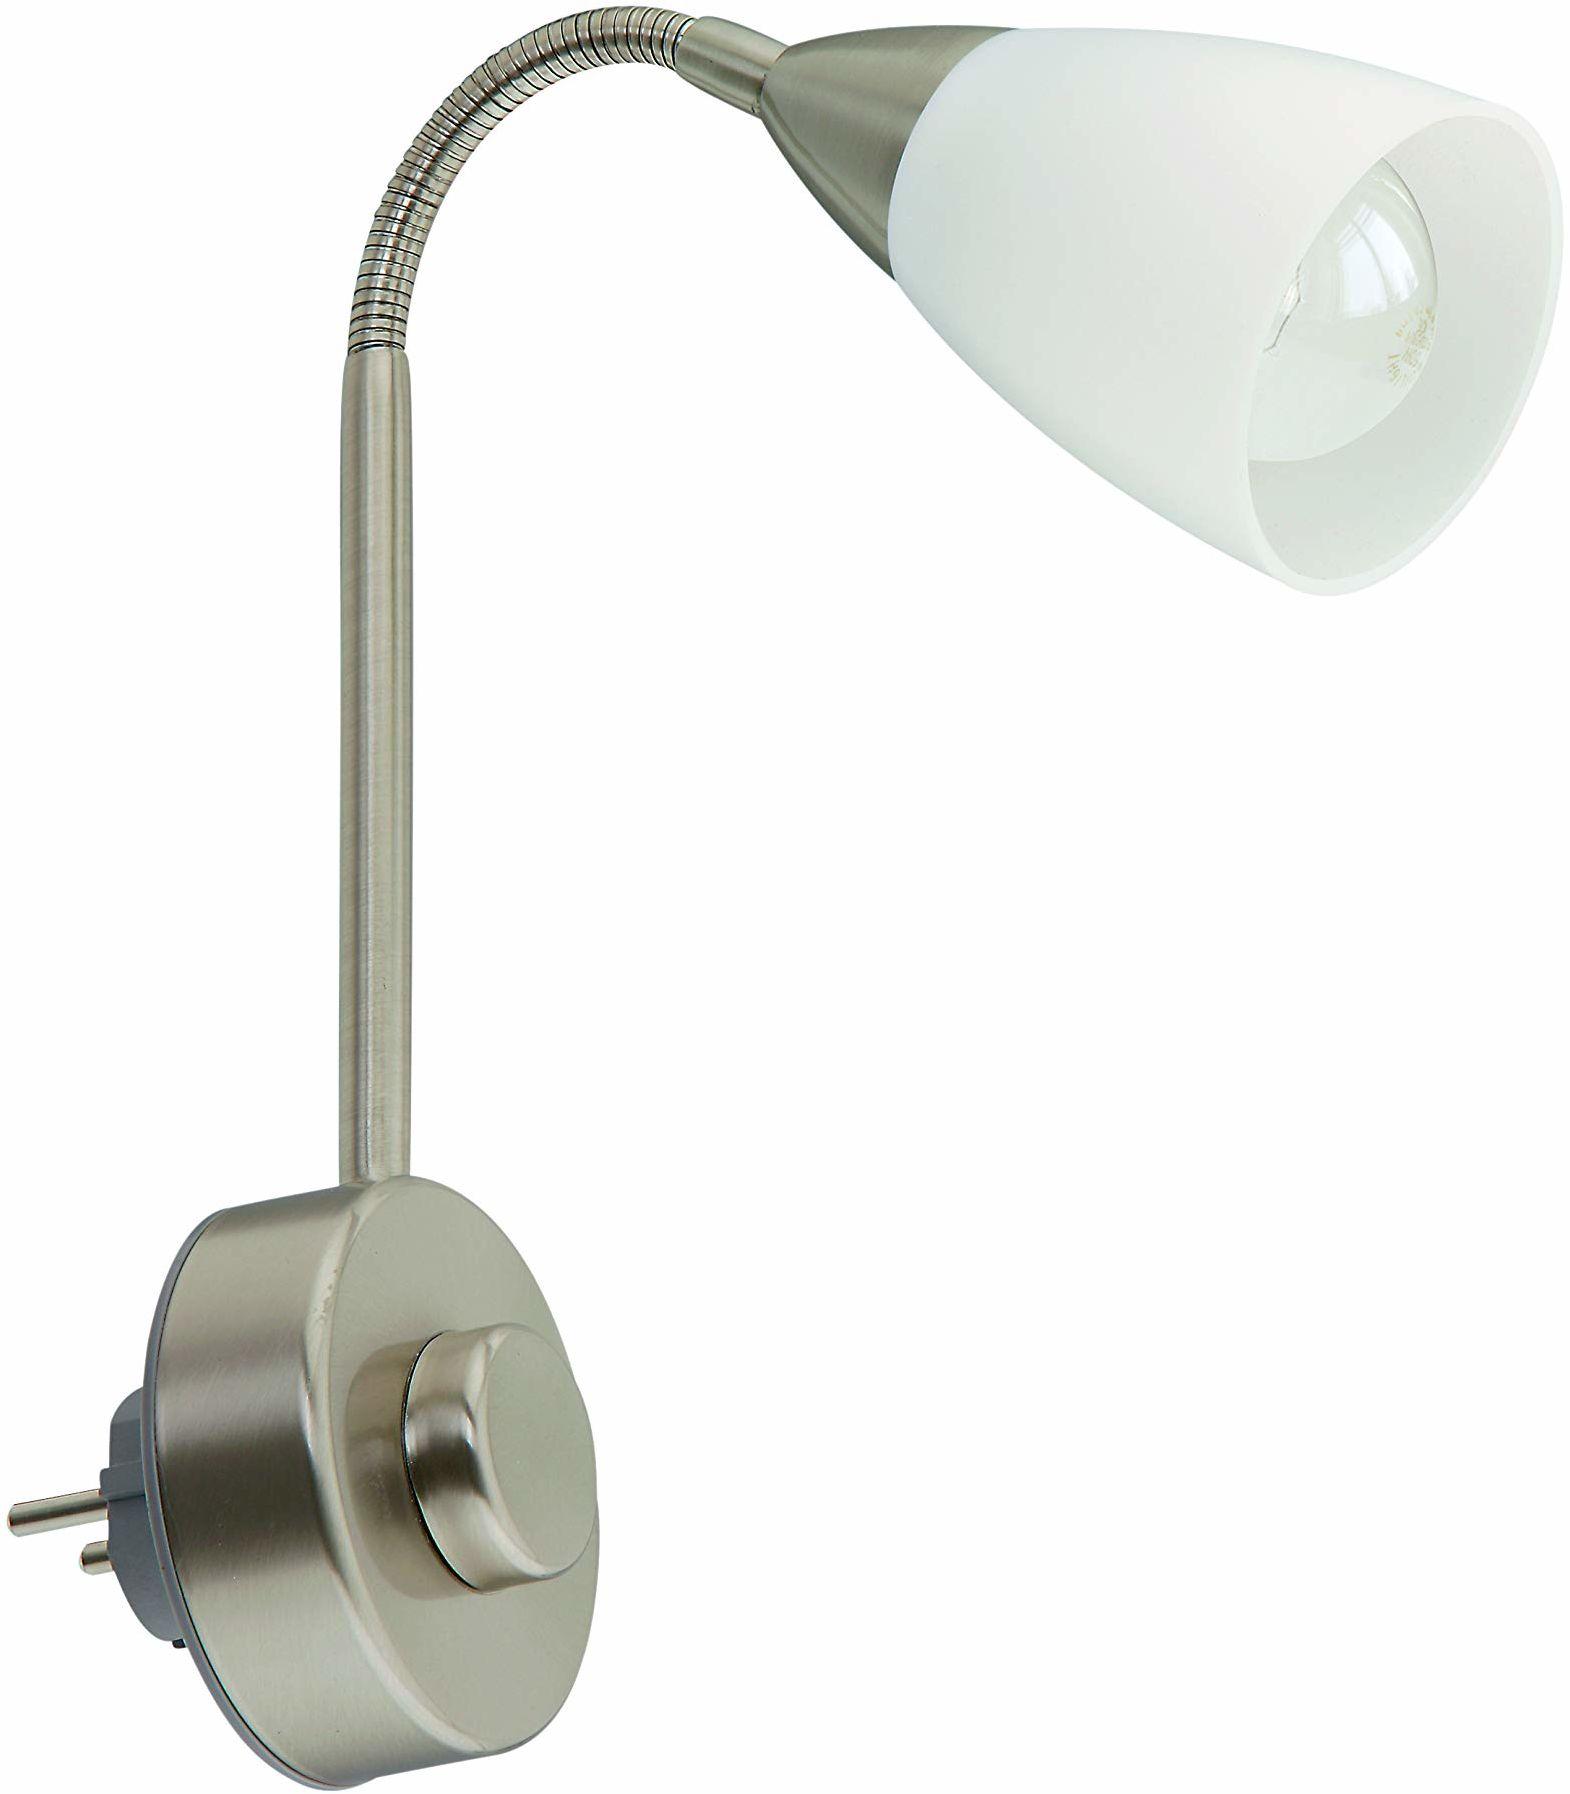 Briloner Leuchten lampa wtykowa elastyczne ramię, lampa wtykowa E14, lampa do czytania 25 W, w zestawie ściemniacz obrotowy, matowy nikiel biały, metal, 25 W